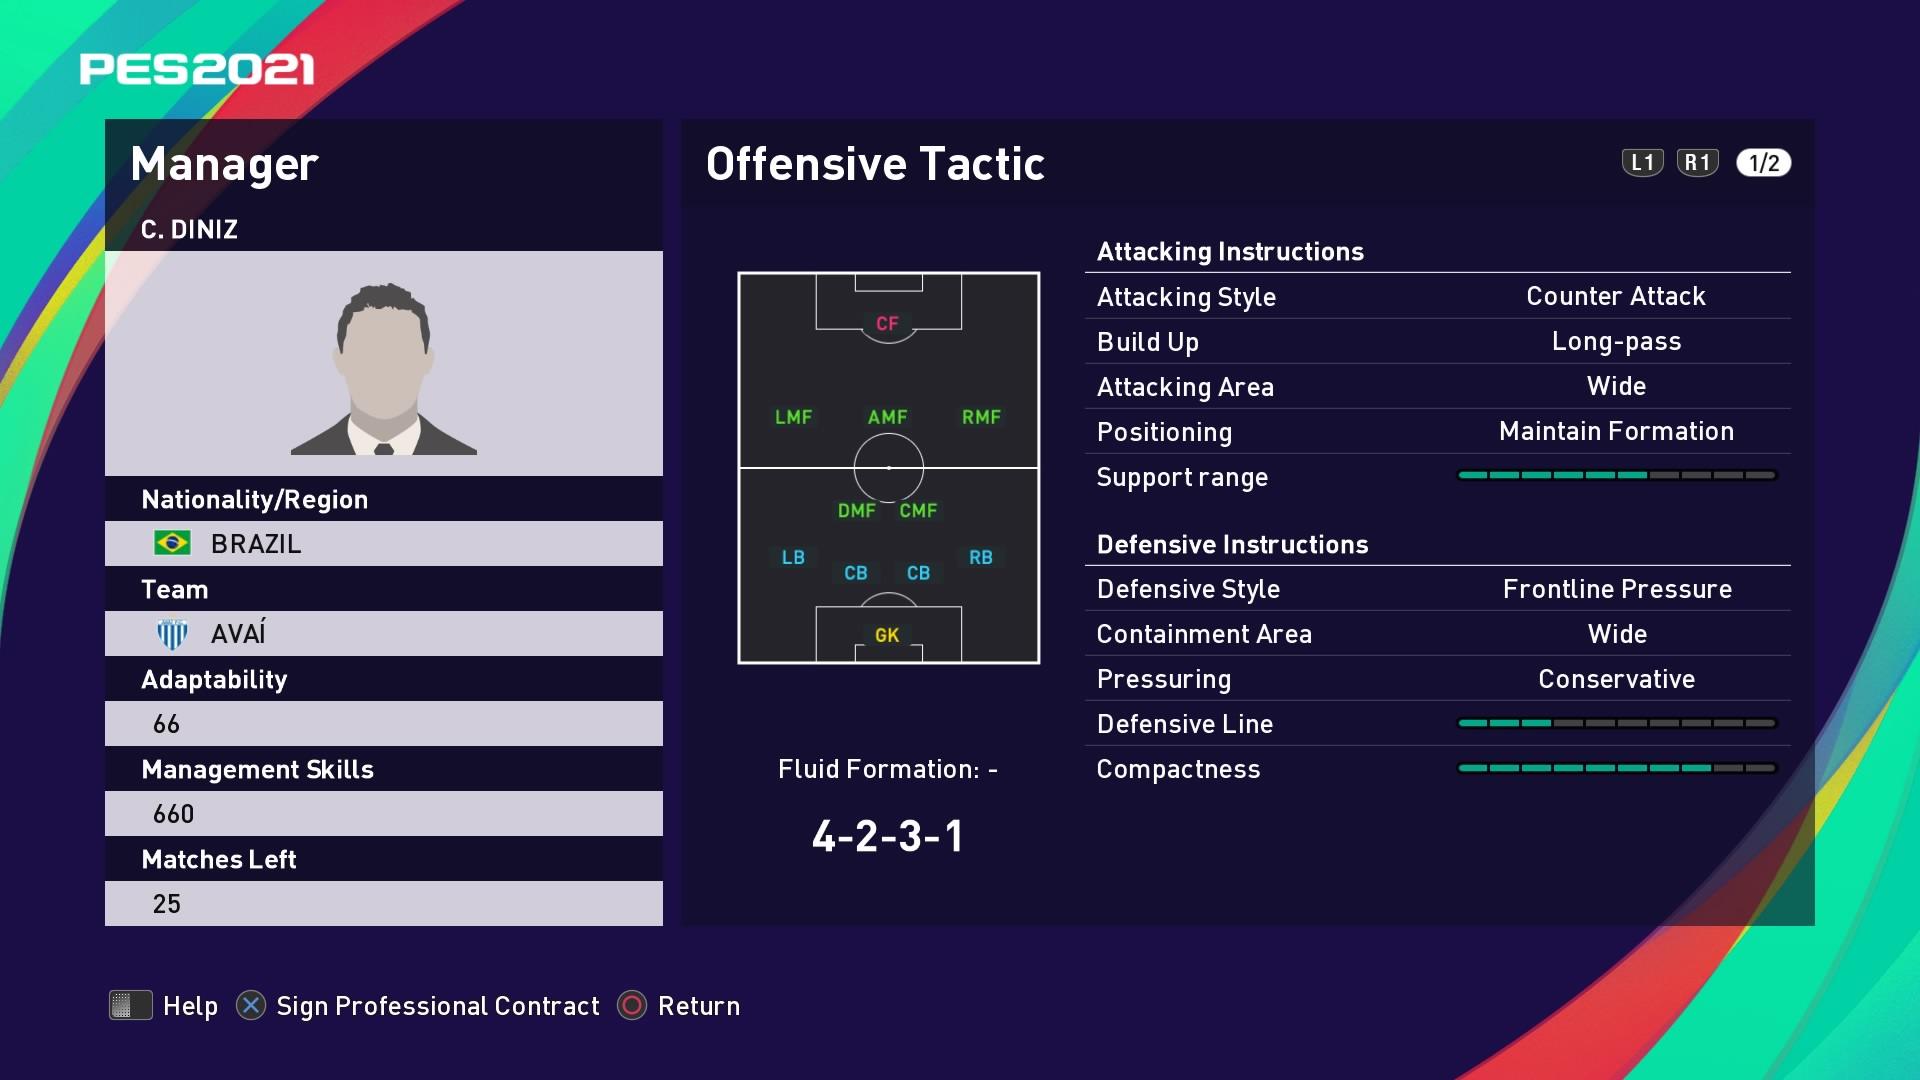 C. Diniz (Geninho) Offensive Tactic in PES 2021 myClub